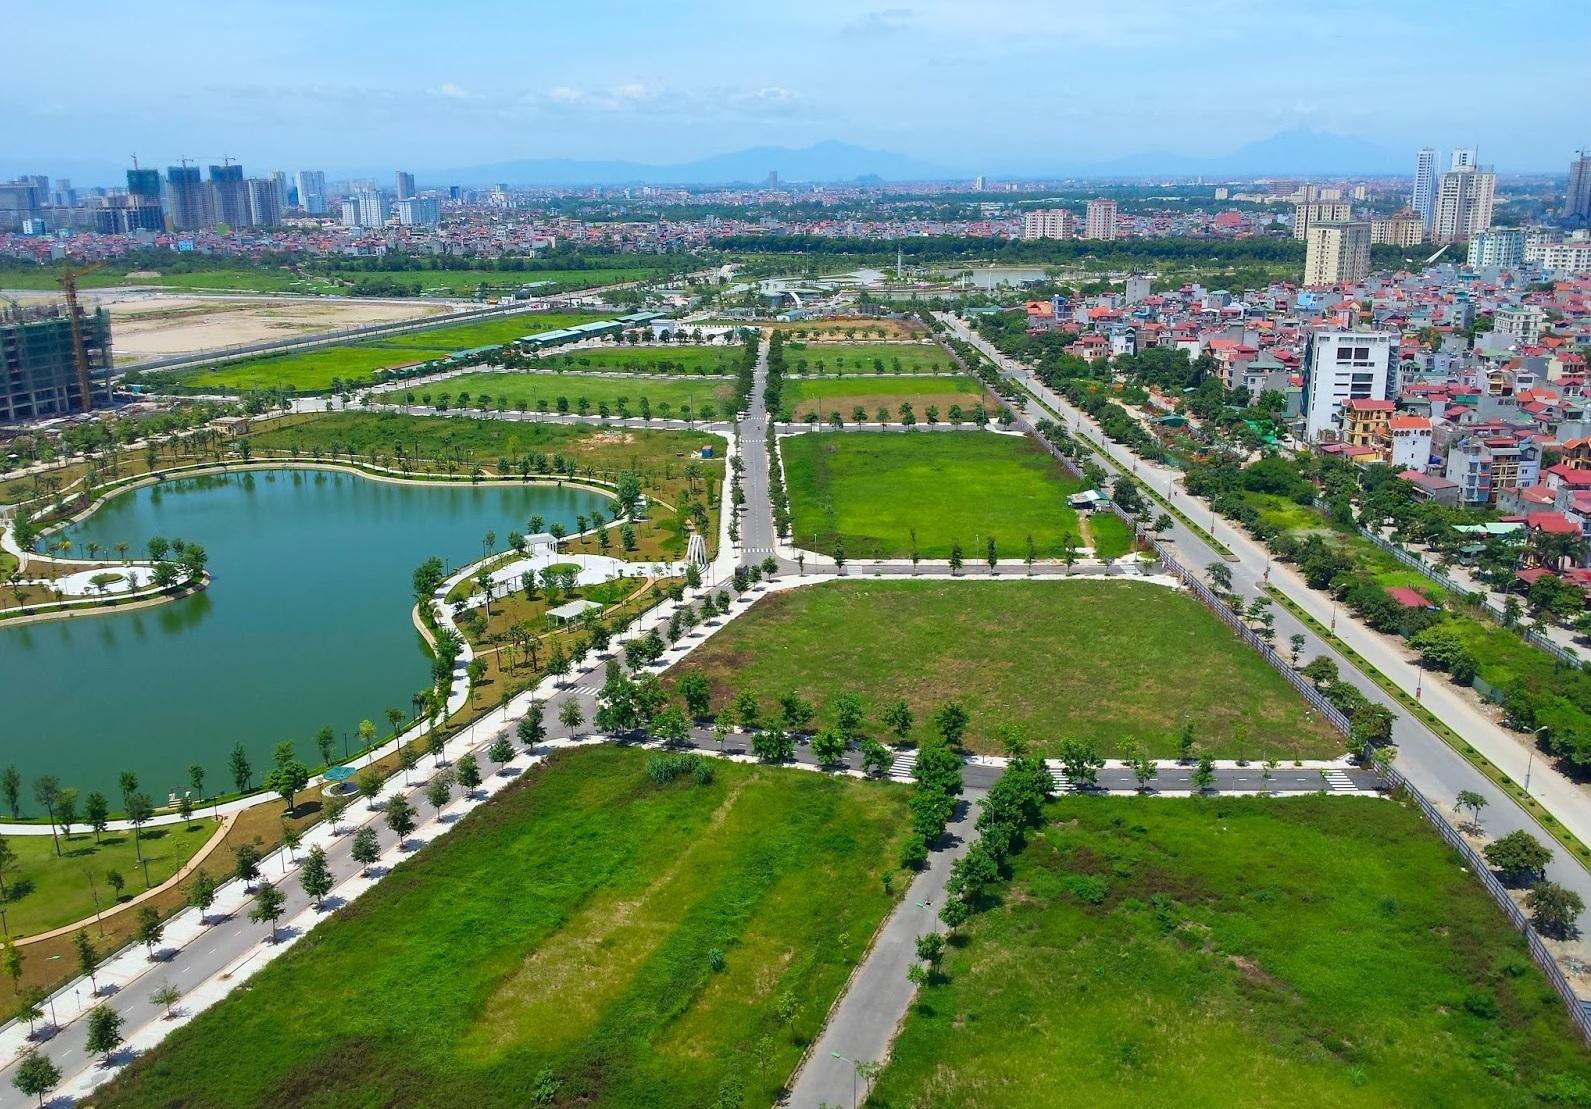 Ngoại Giao Đoàn là khu đô thị đáng sống hàng đầu Việt Nam.